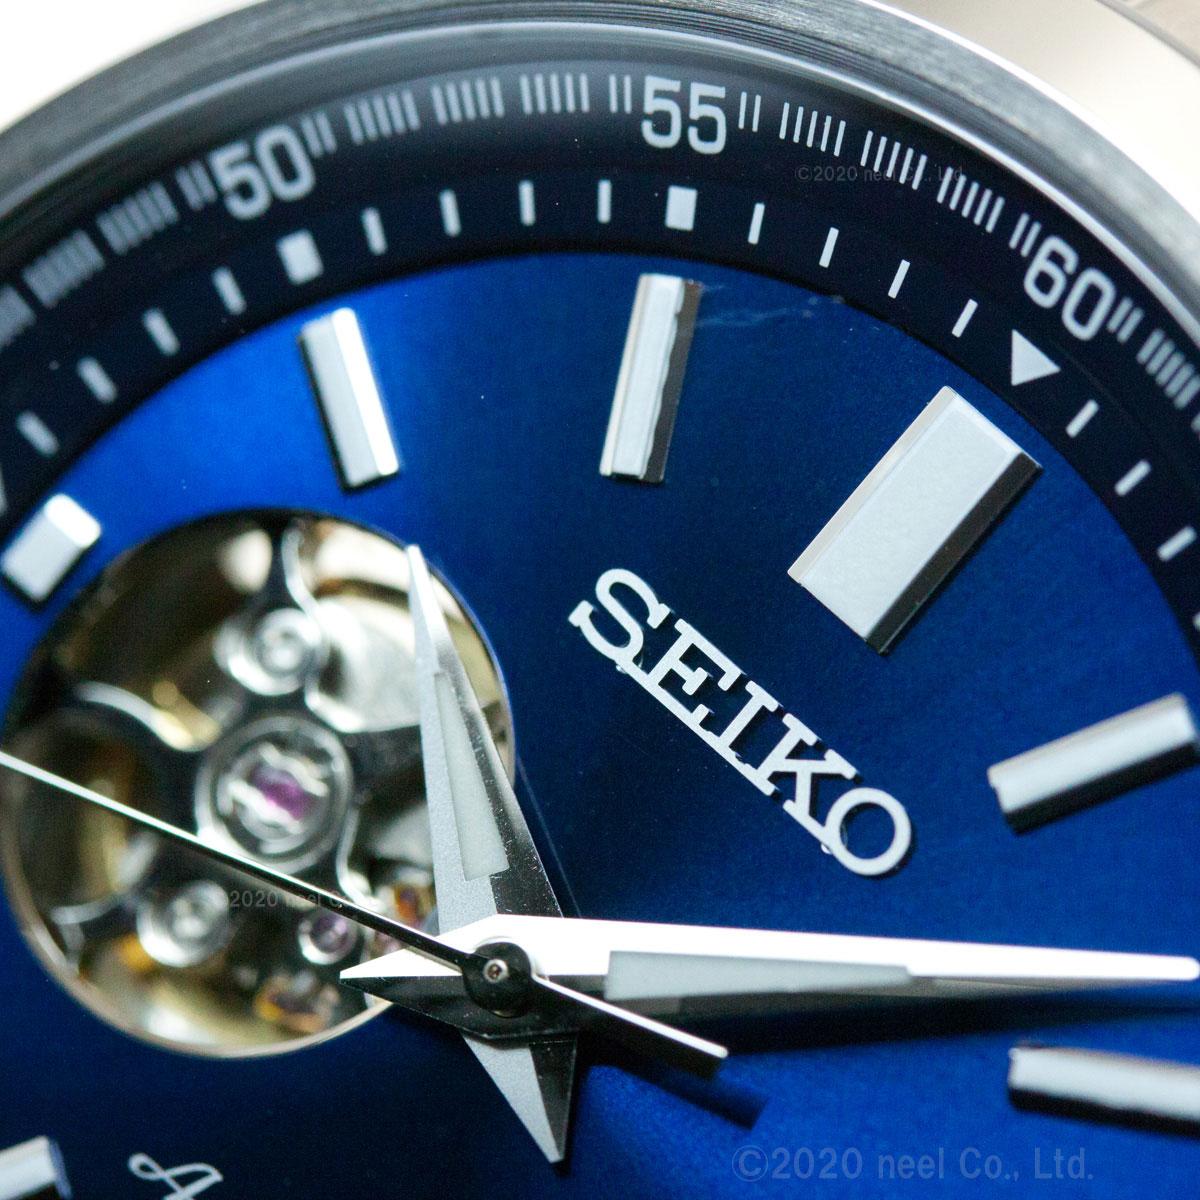 セイコー セレクション SEIKO SELECTION メカニカル 自動巻き 腕時計 メンズ セミスケルトン SCVE051